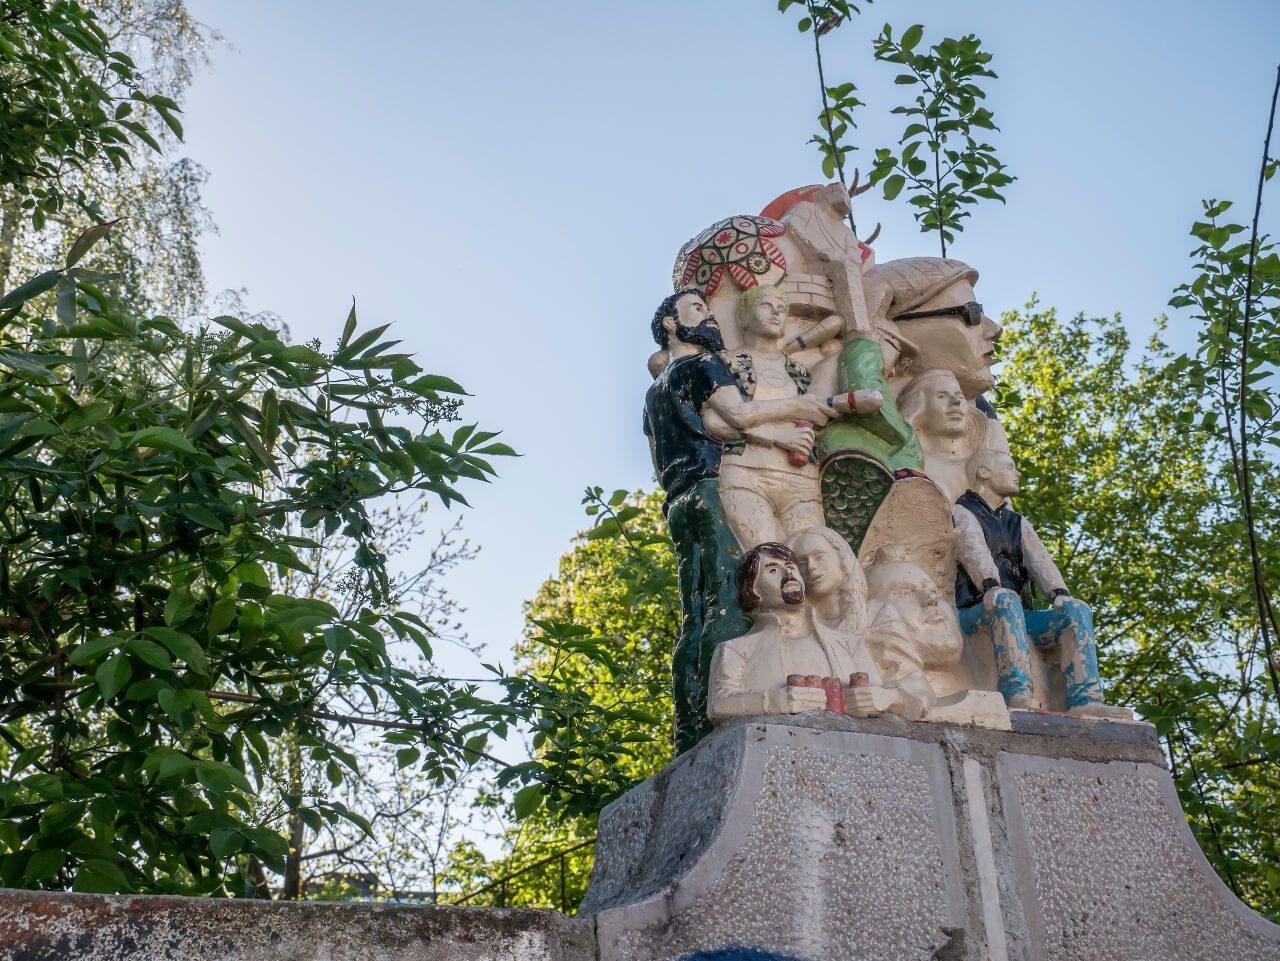 Rzeźba w Metelkova (Lublana)